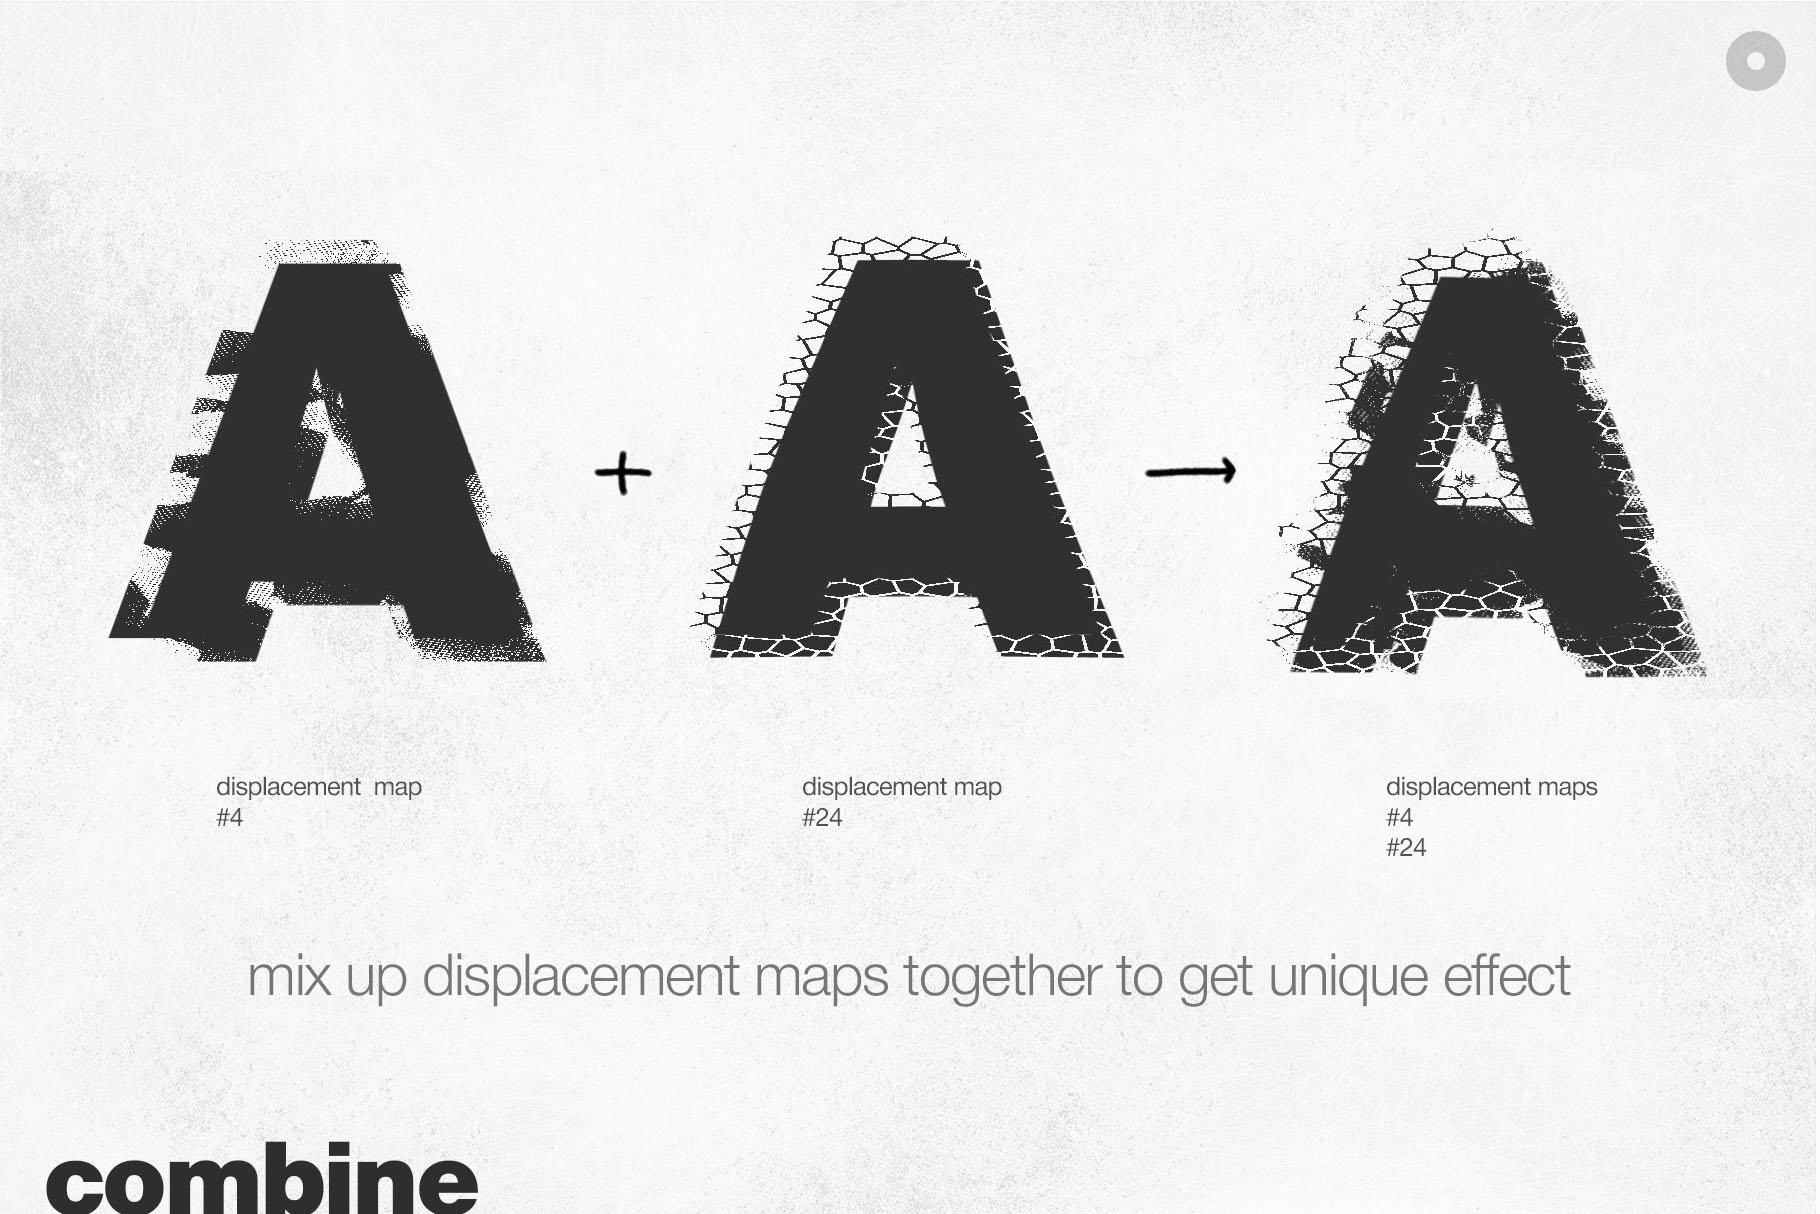 潮流创意抽象故障扭曲置换海报字体特效PS设计素材 Kinetic – Displacement Maps插图4